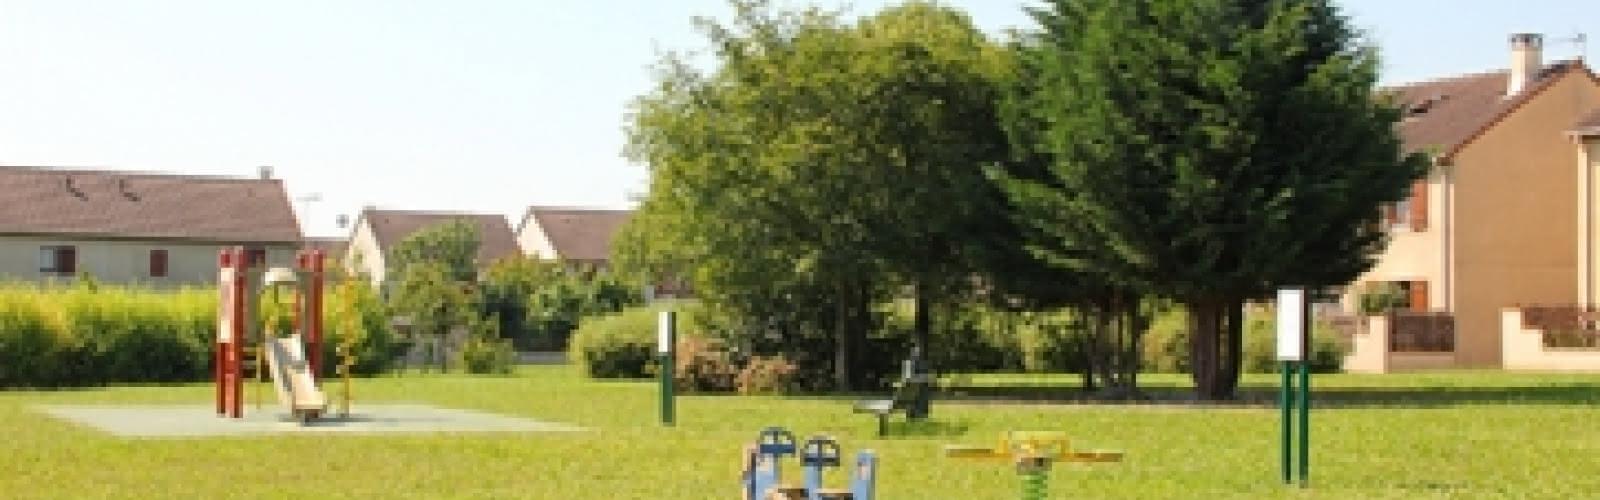 Jardin de la Siaule Vauréal